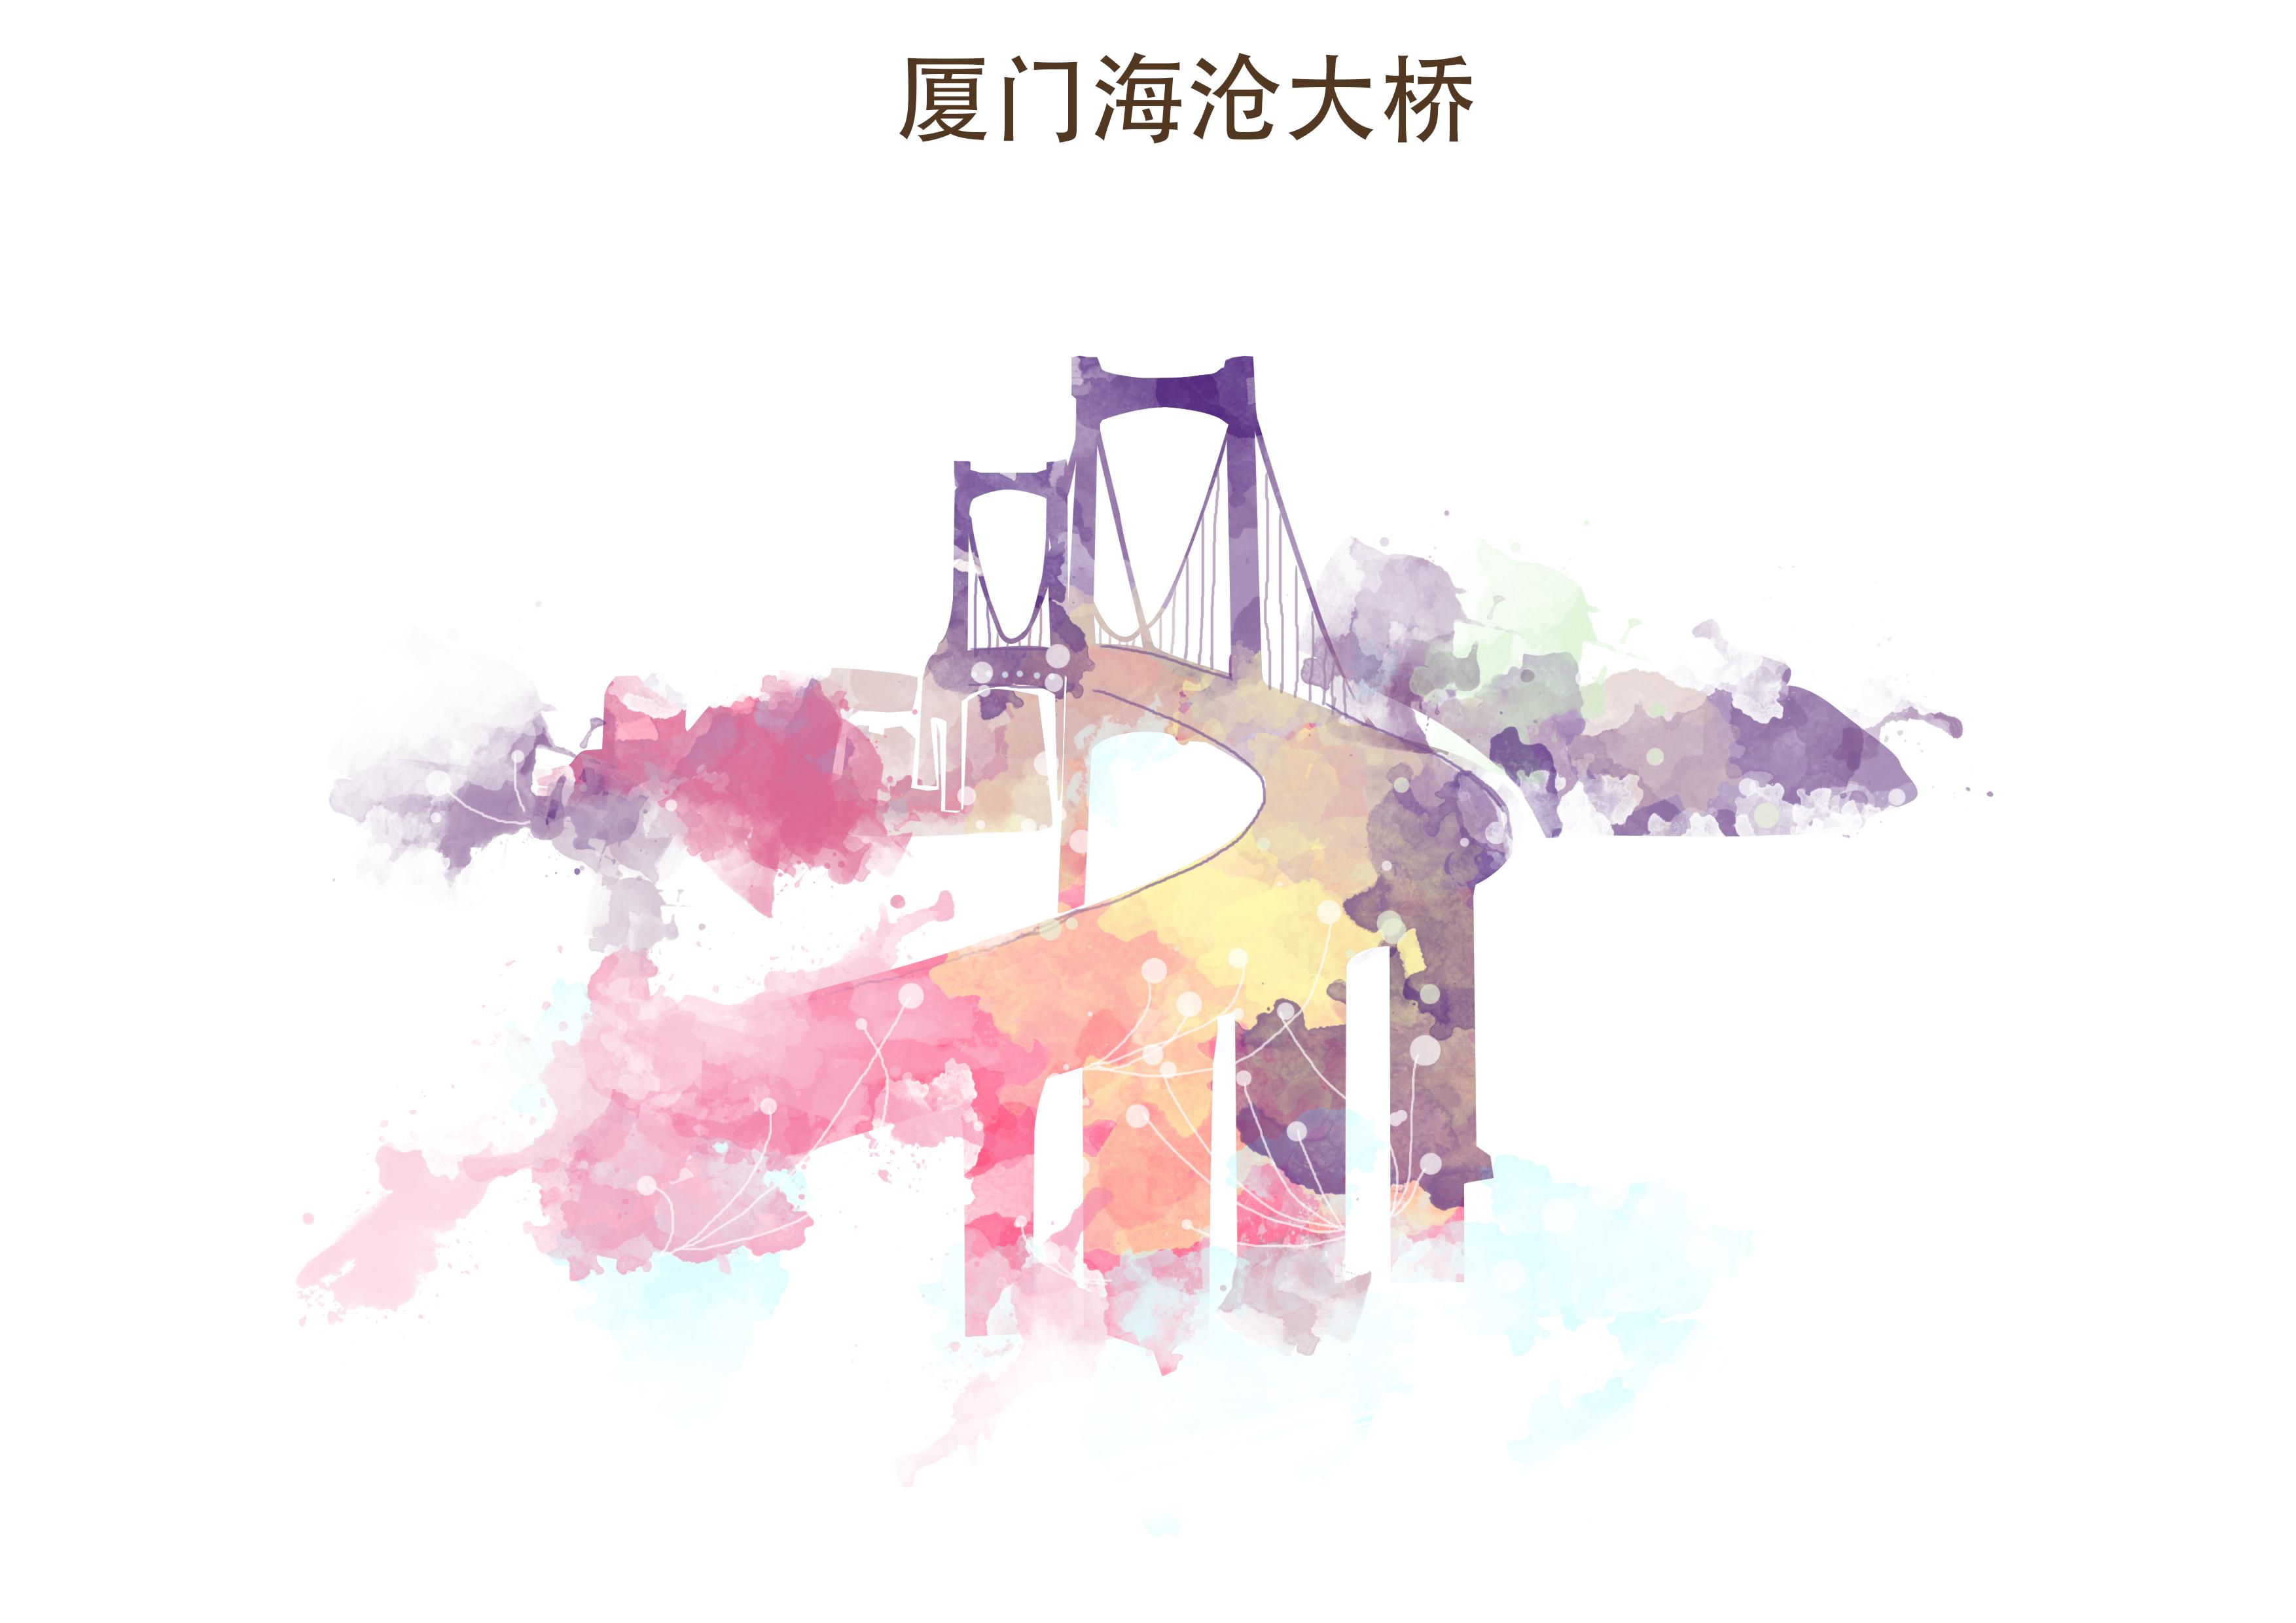 厦门风景插画